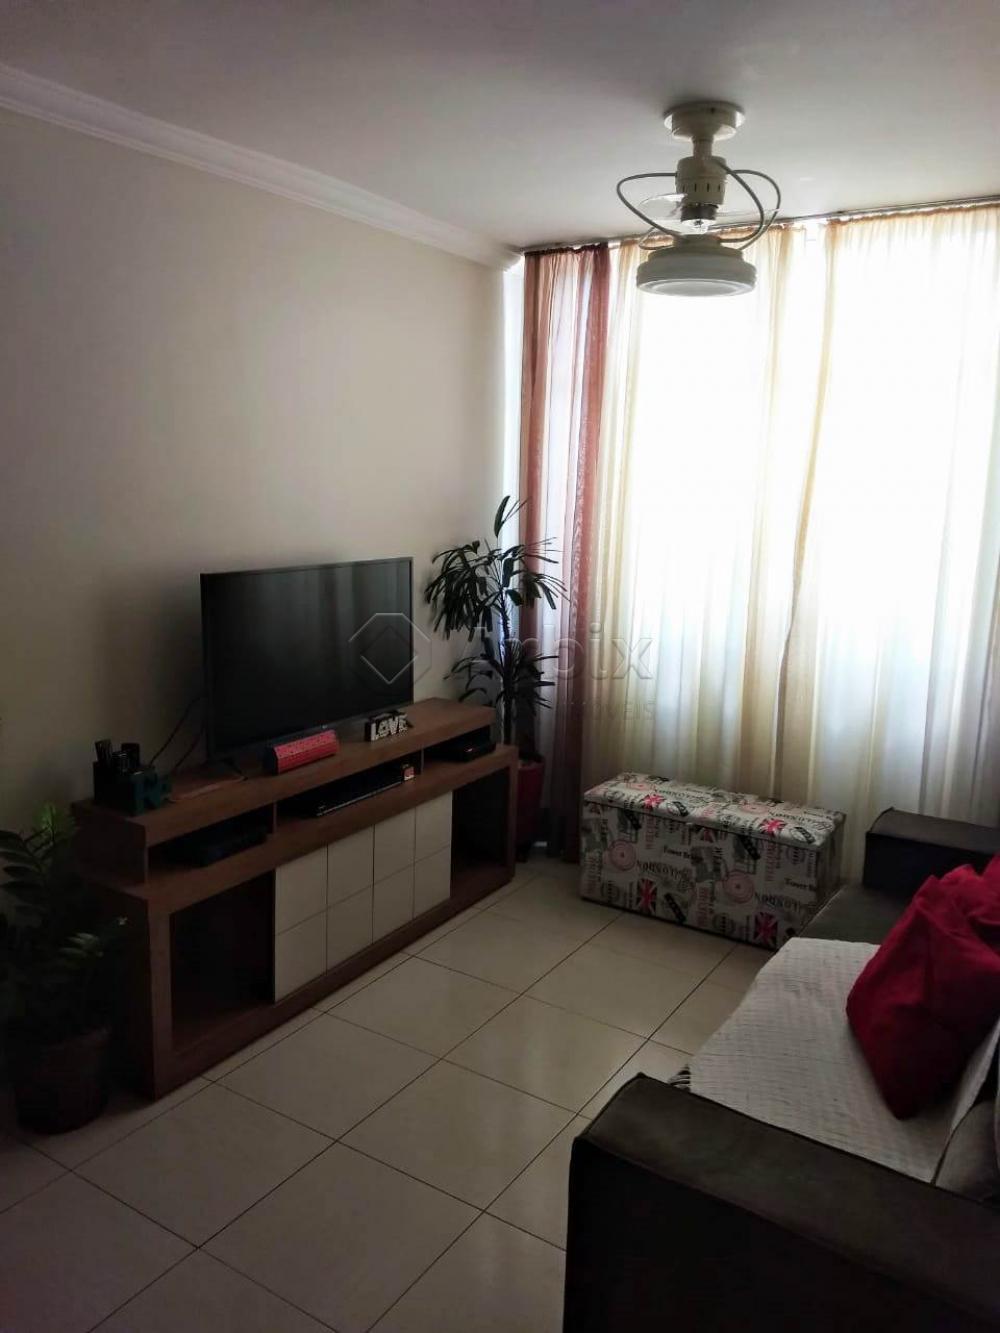 Comprar Apartamento / Padrão em Americana apenas R$ 243.000,00 - Foto 1